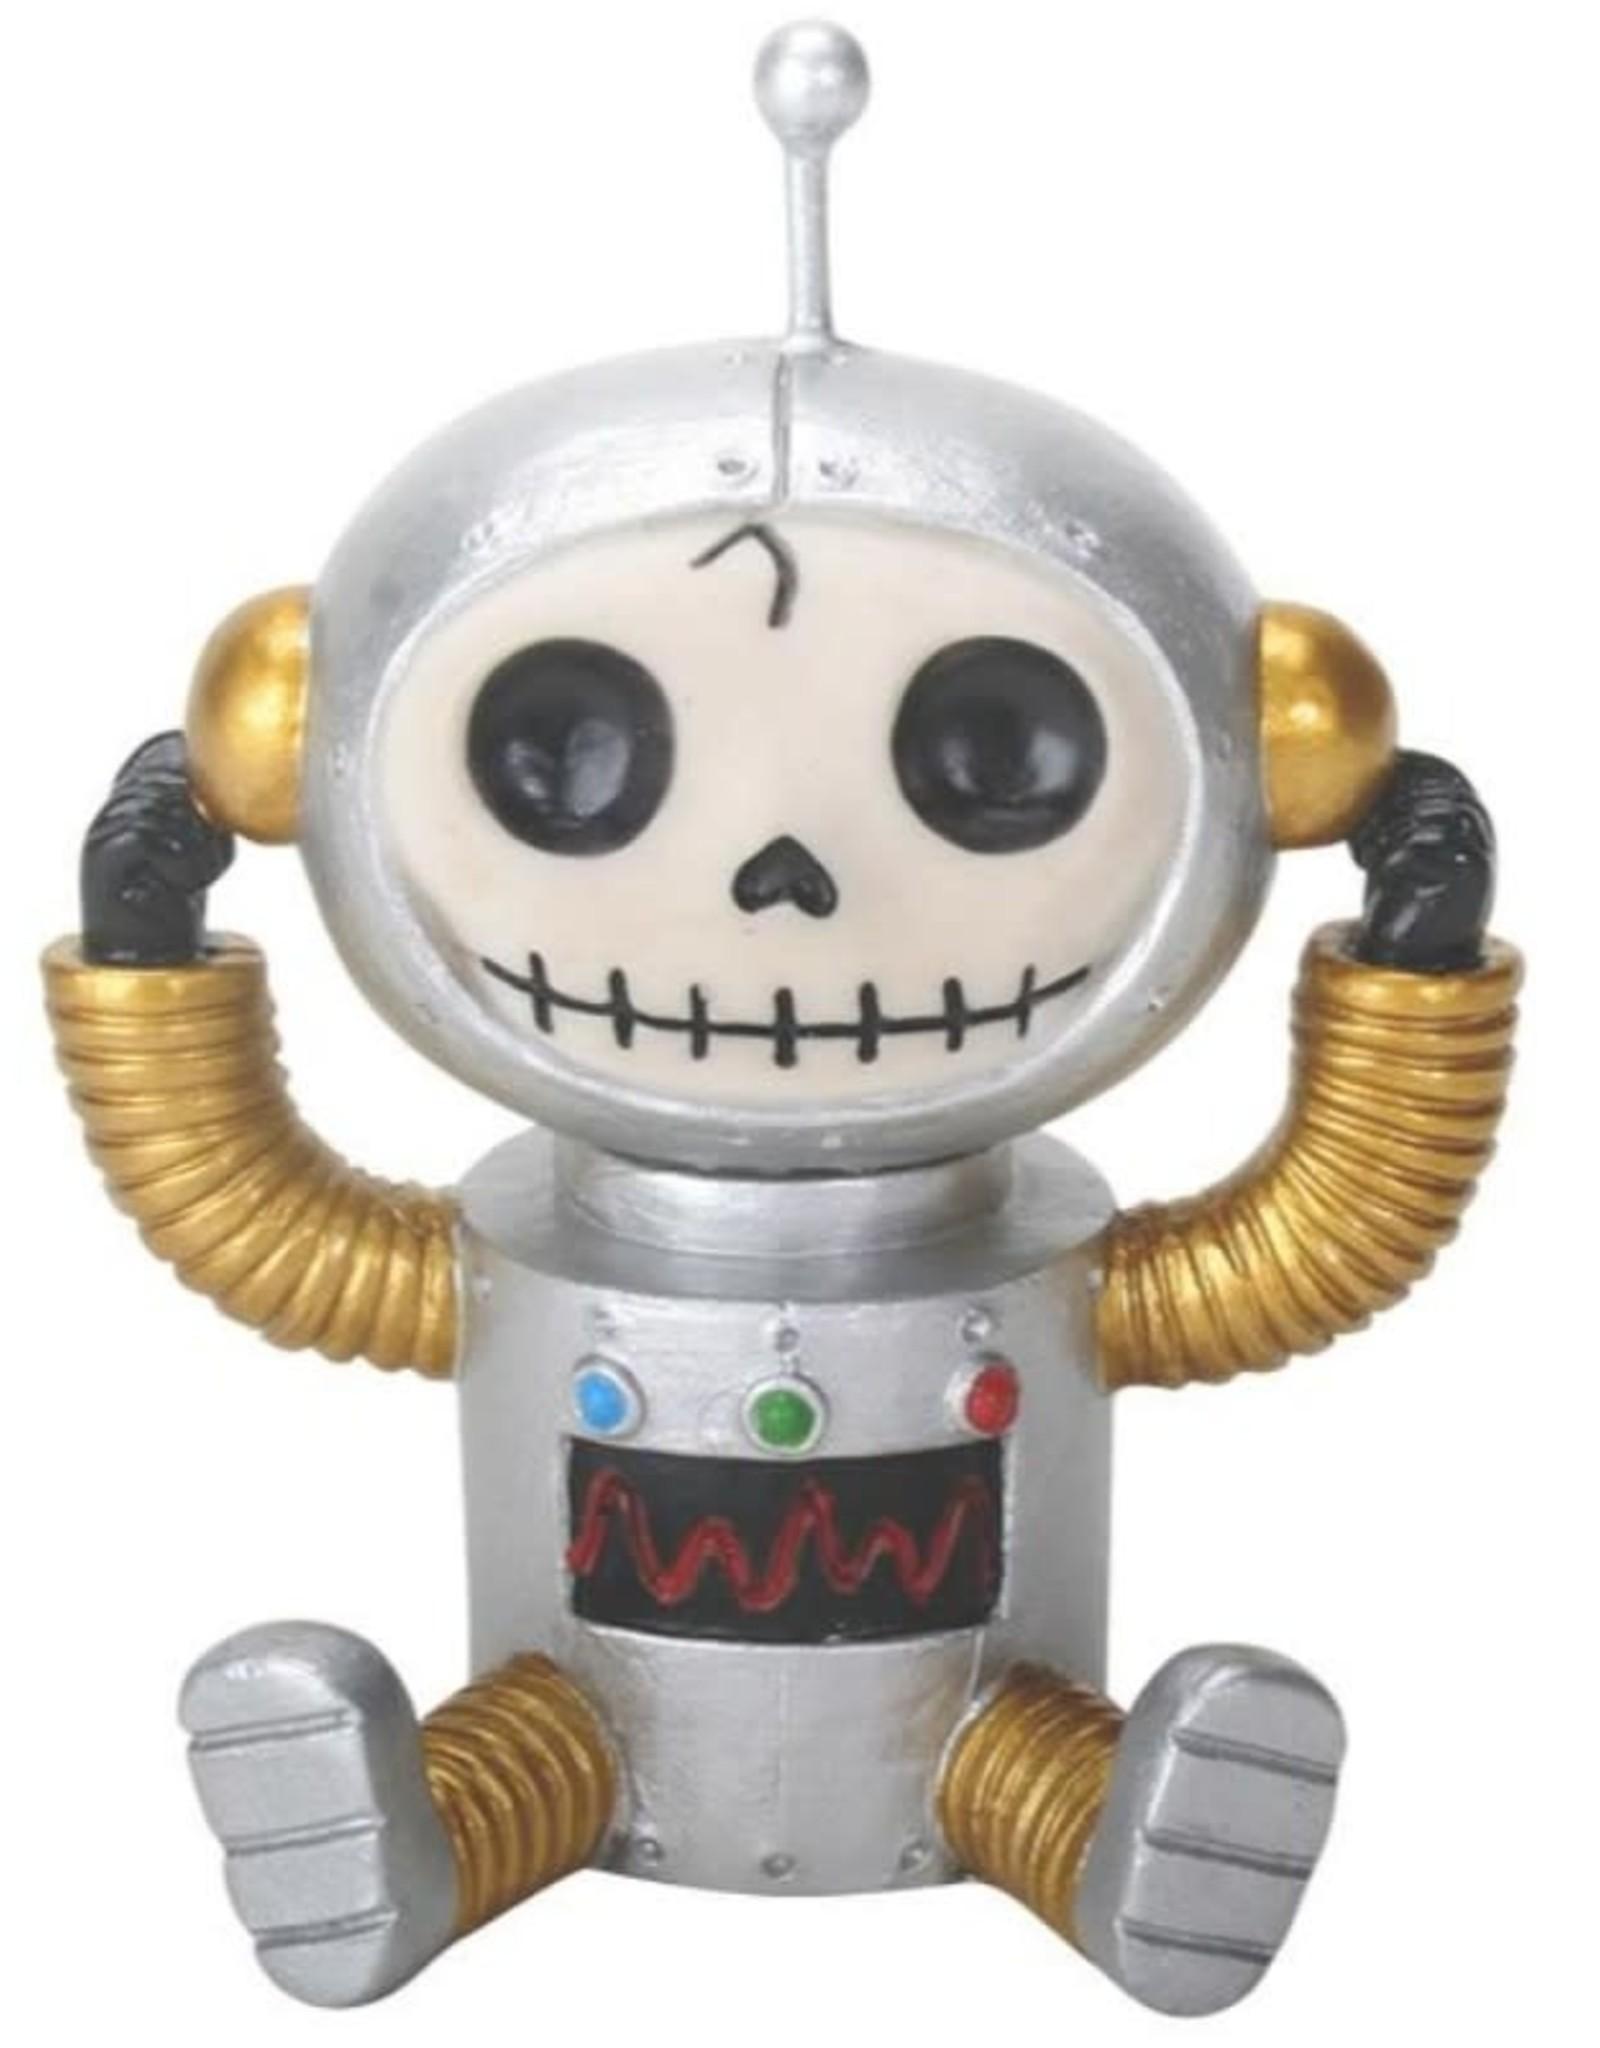 Furrybones Gadget (Robot)